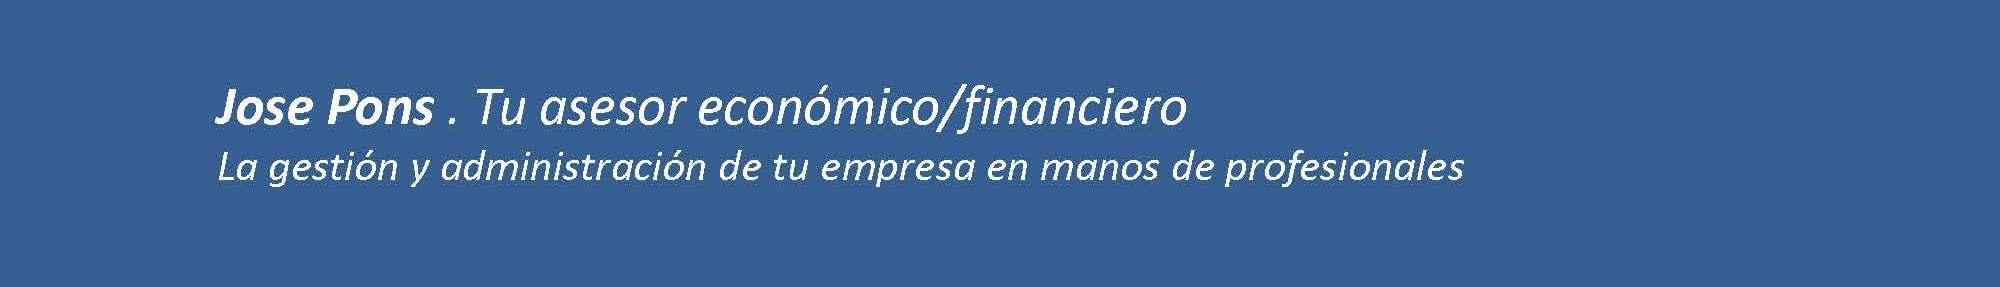 Jose Pons. Tu Asesor Economico/Financiero